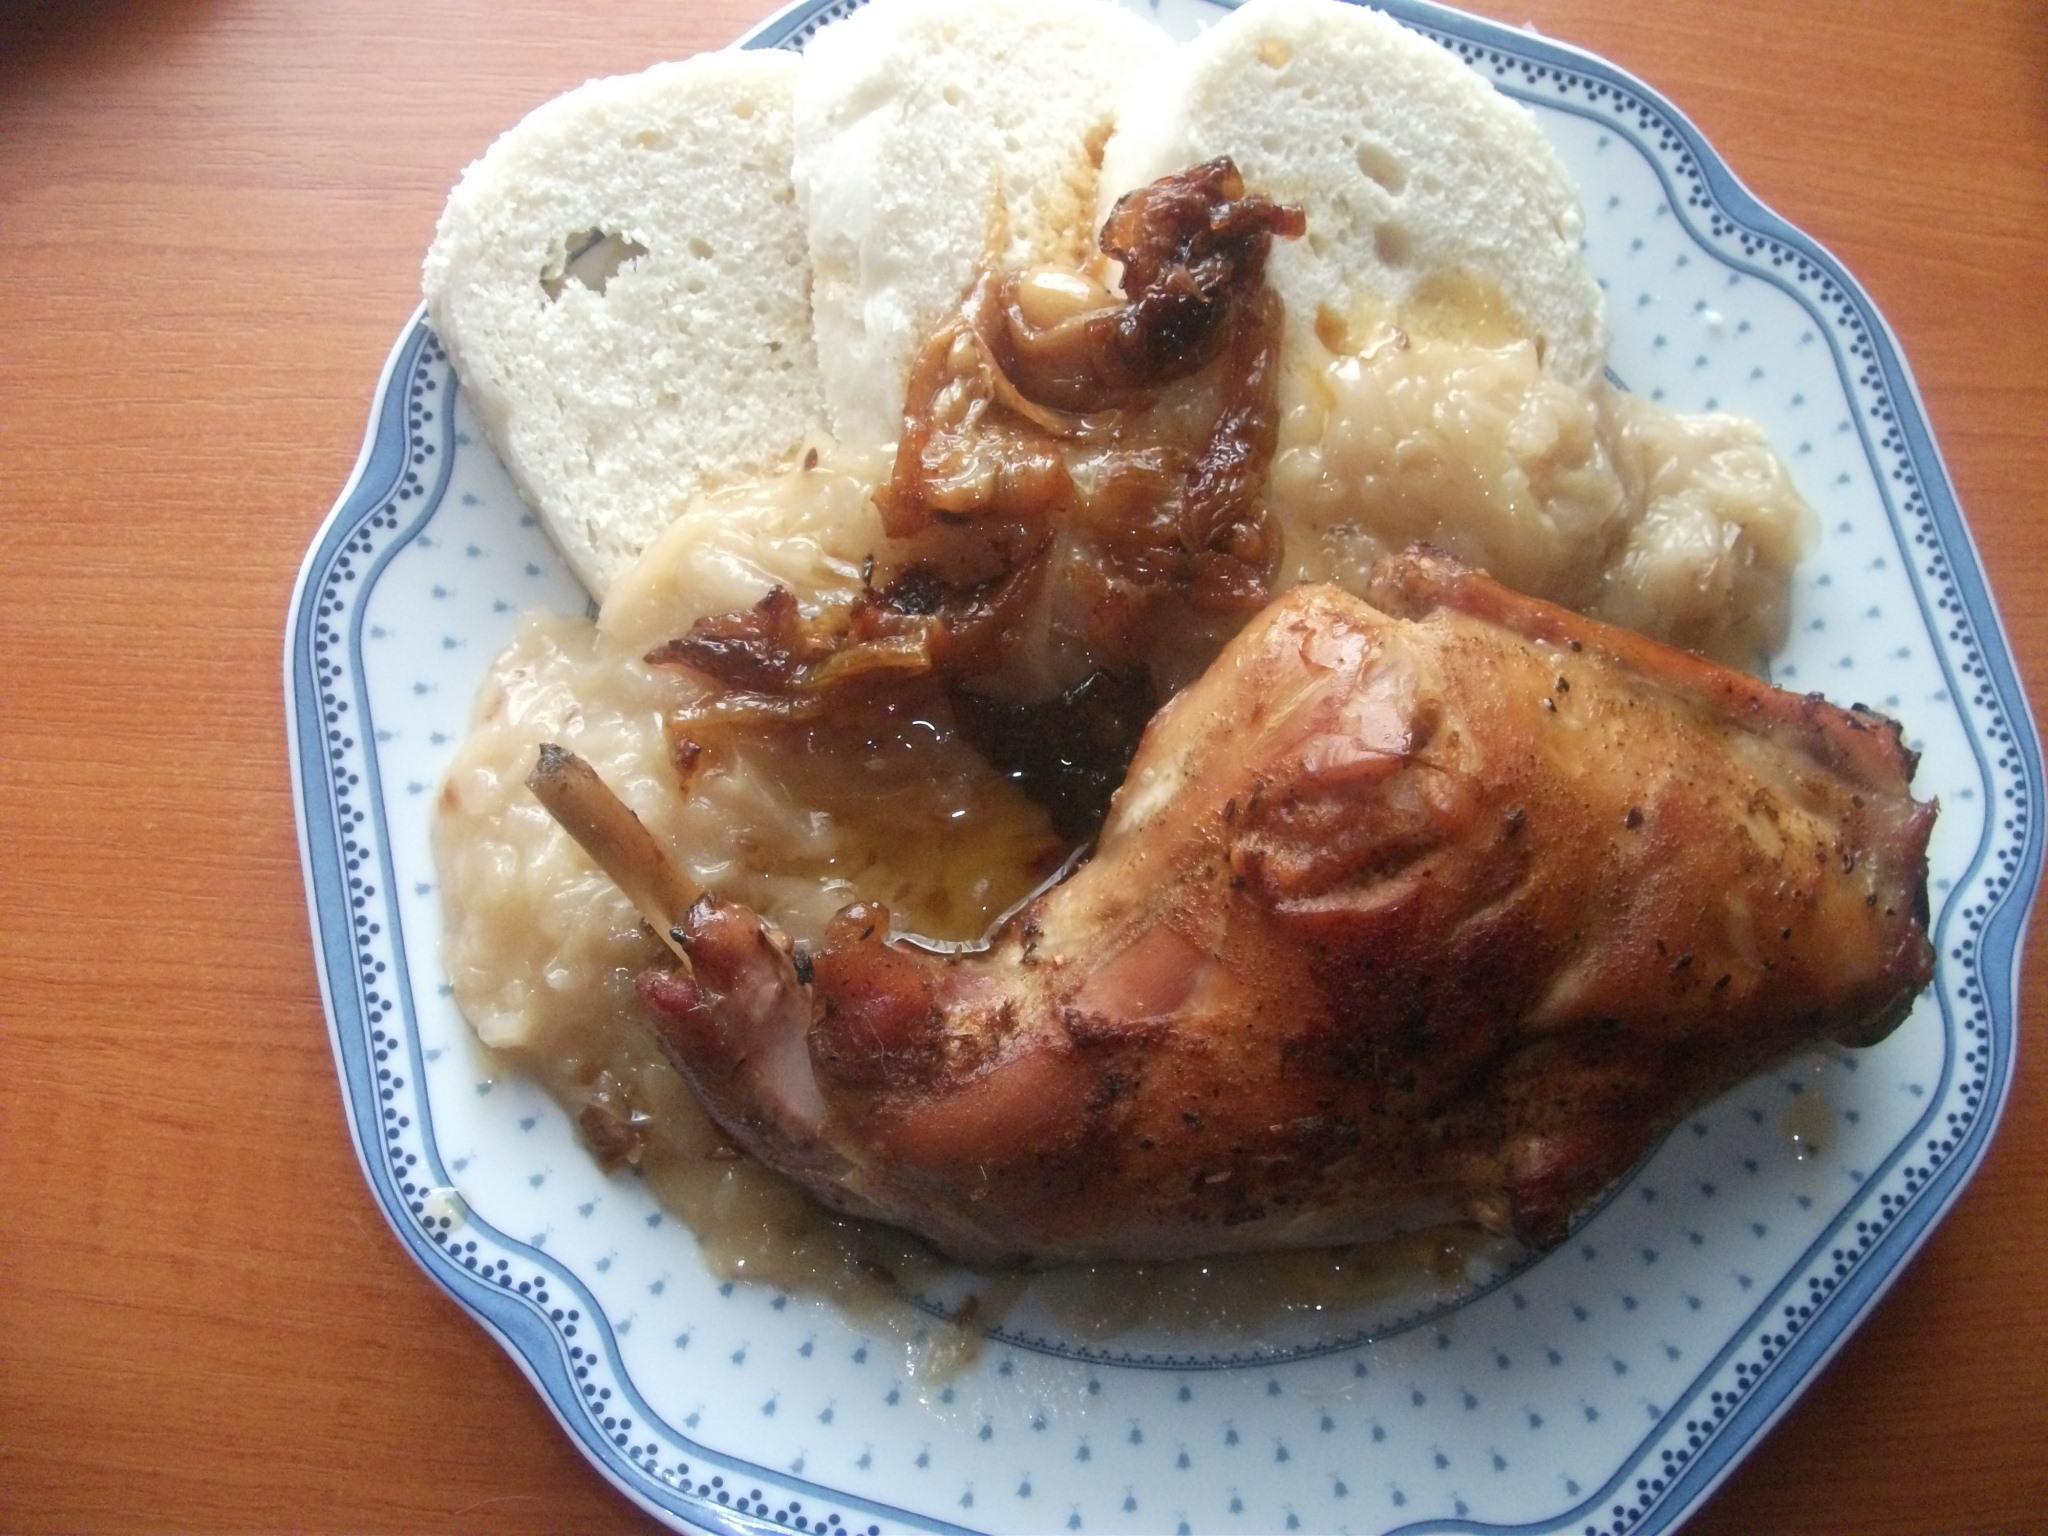 Recept Tradiční pečený králík - Pečený králík s knedlíkem a se zelím